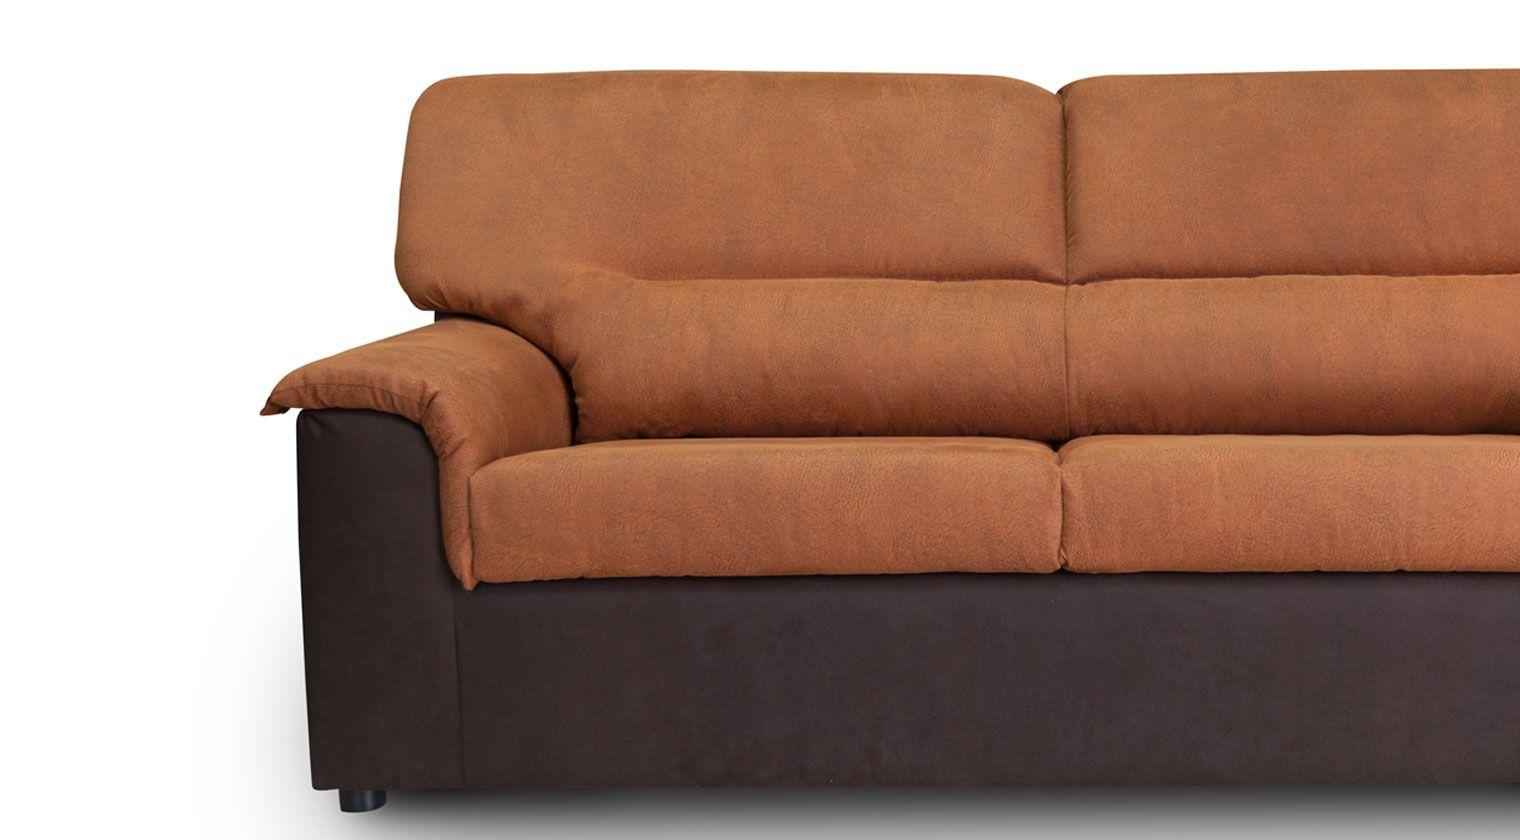 Comprar sof belen sofa 2 plazas coordinado tejido sofia y for Sofas baratos asturias